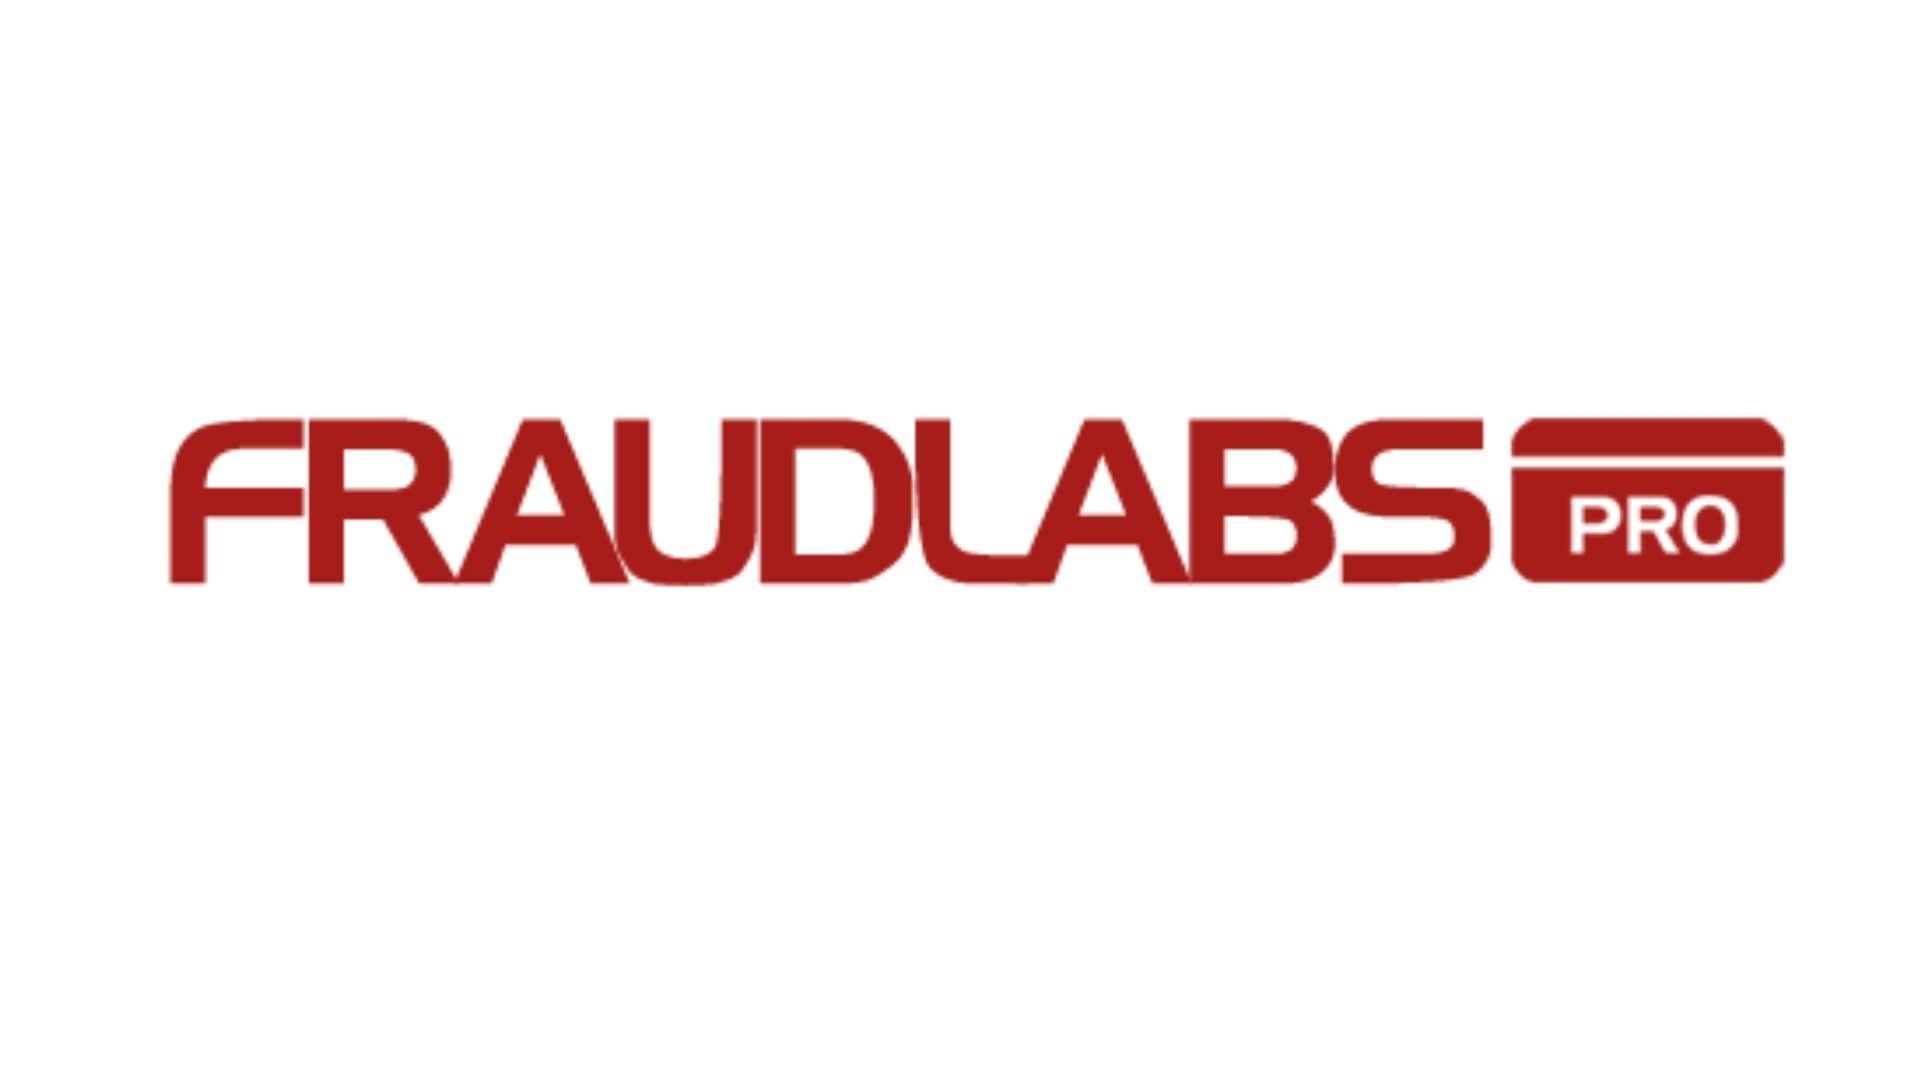 Fraudlabspro logo